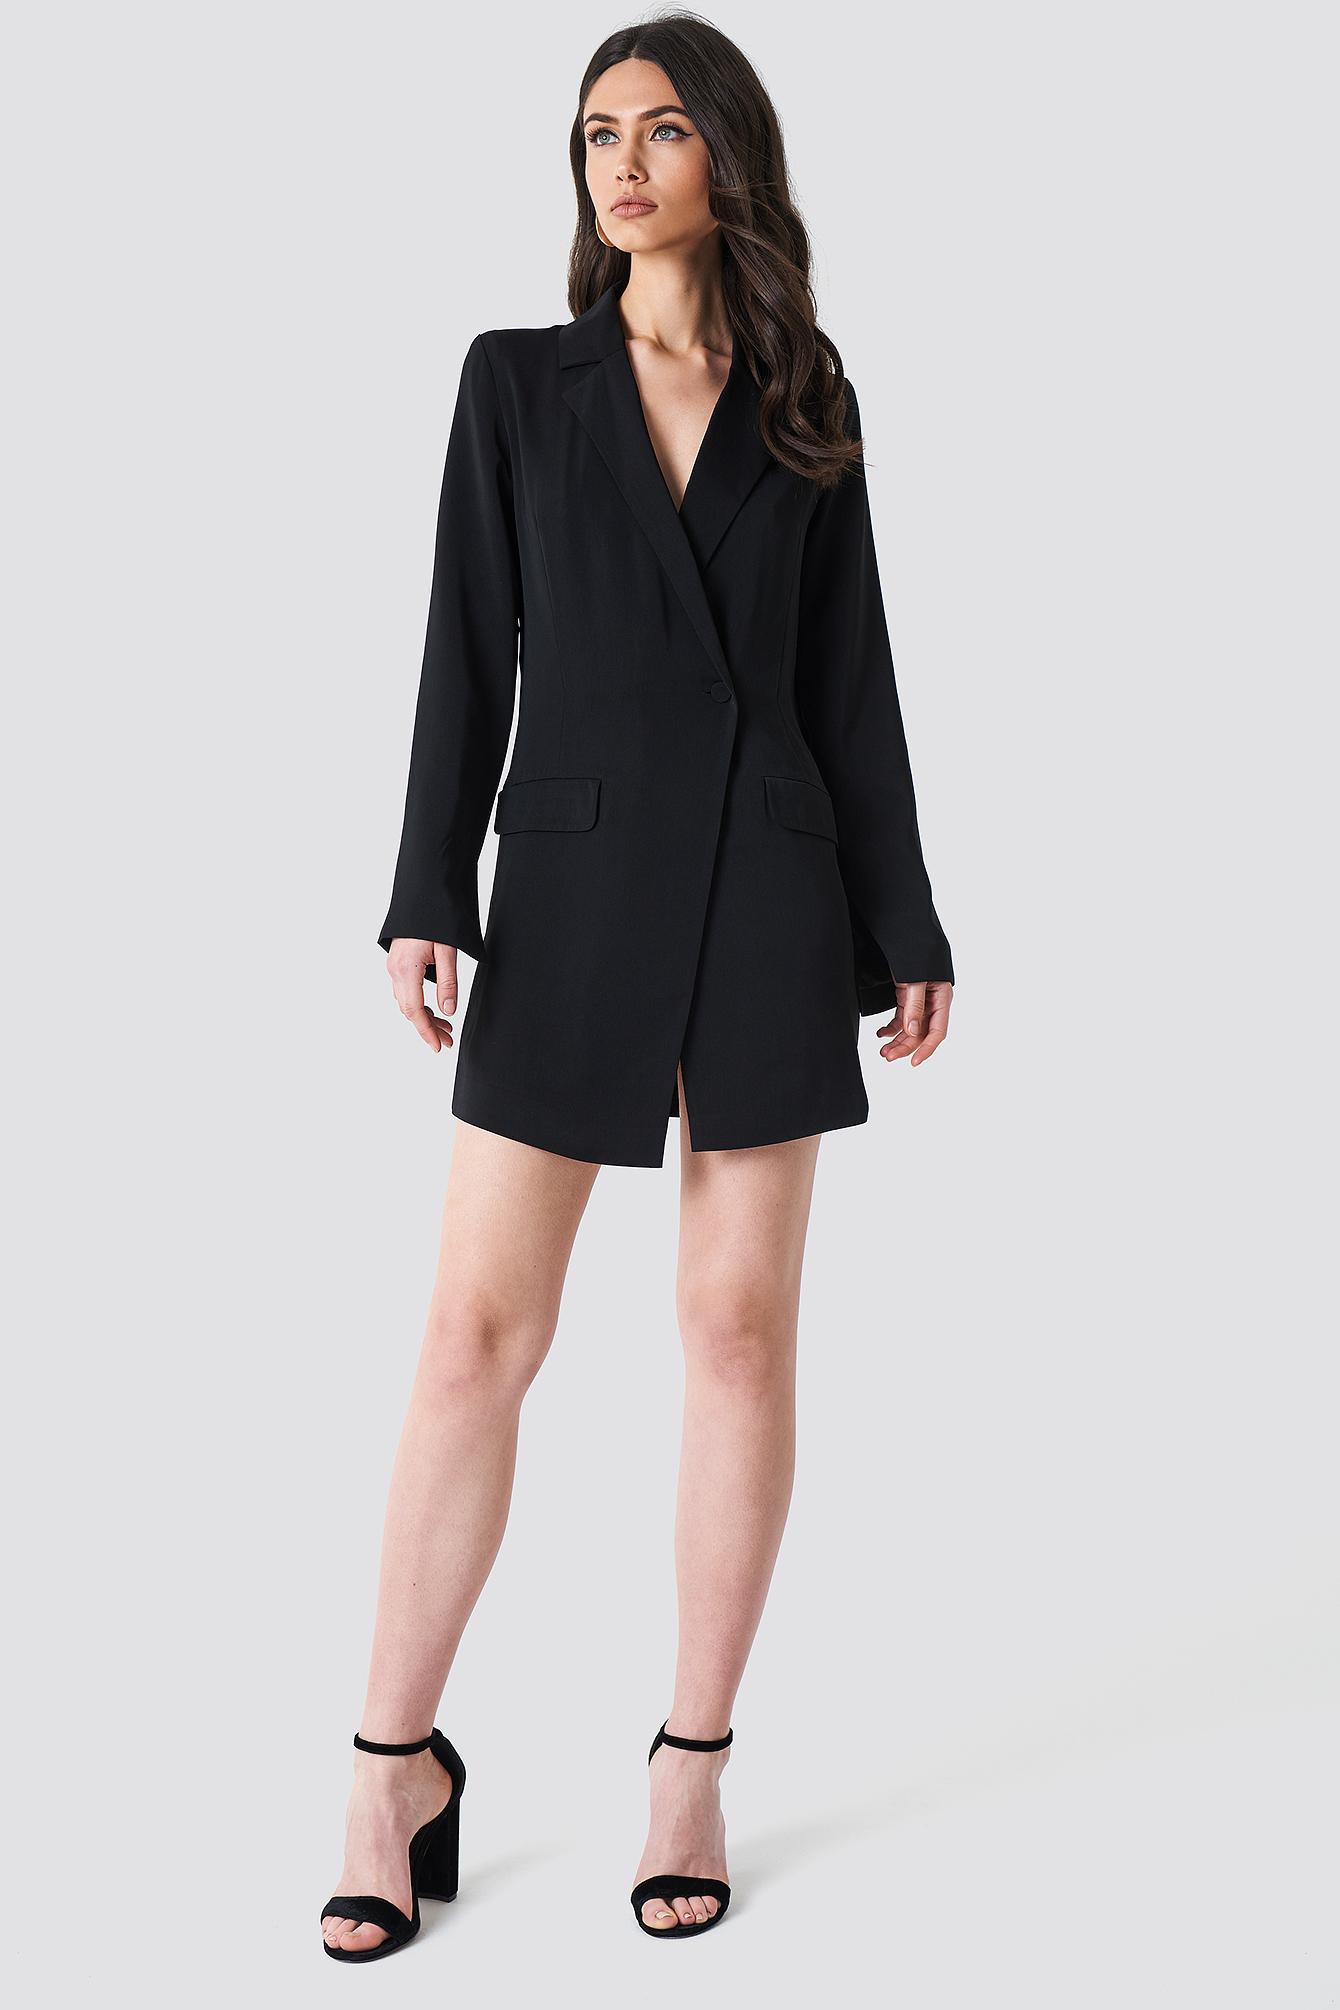 NA-KD Asymmetric Blazer Dress Authentique Pas Cher En Ligne En France Pas Cher En Ligne Livraison Gratuite 100% Garanti Images Footlocker Sortie kFvmI8XTr